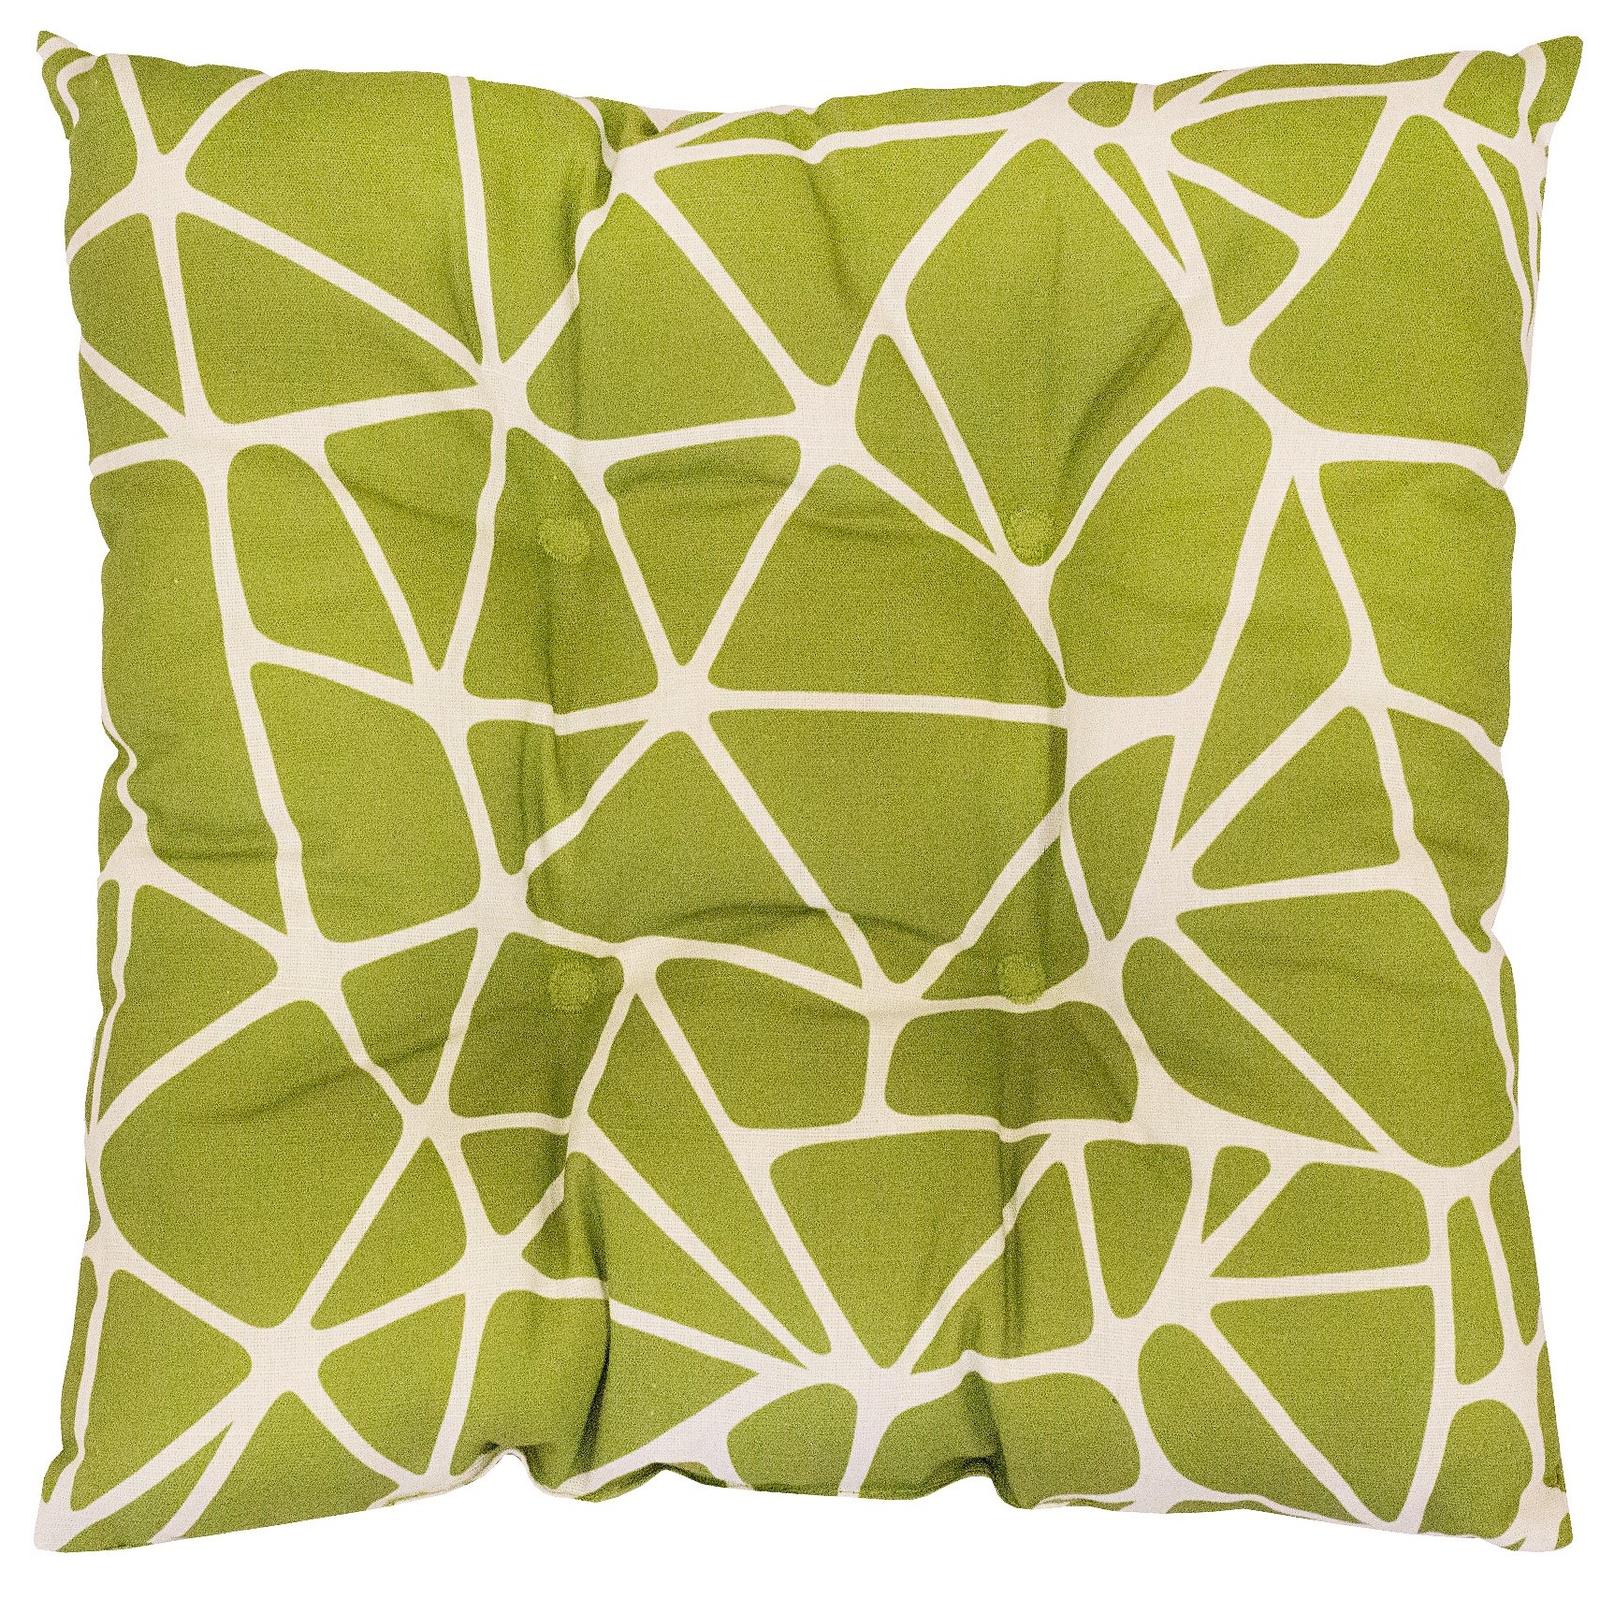 Подушка на стул Altali Триада, зеленый подушки на стул altali подушка на стул с рисунком марселла лайн